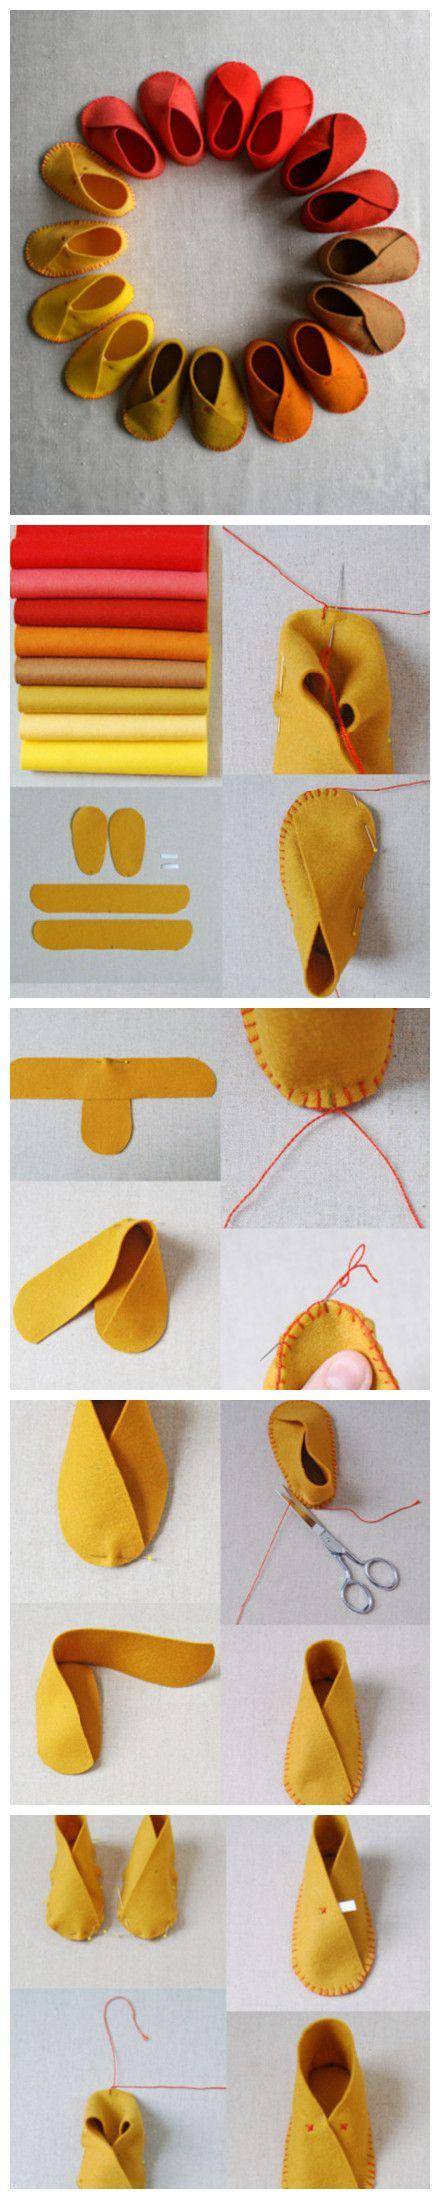 tutorial passo a passo sapatos bebe